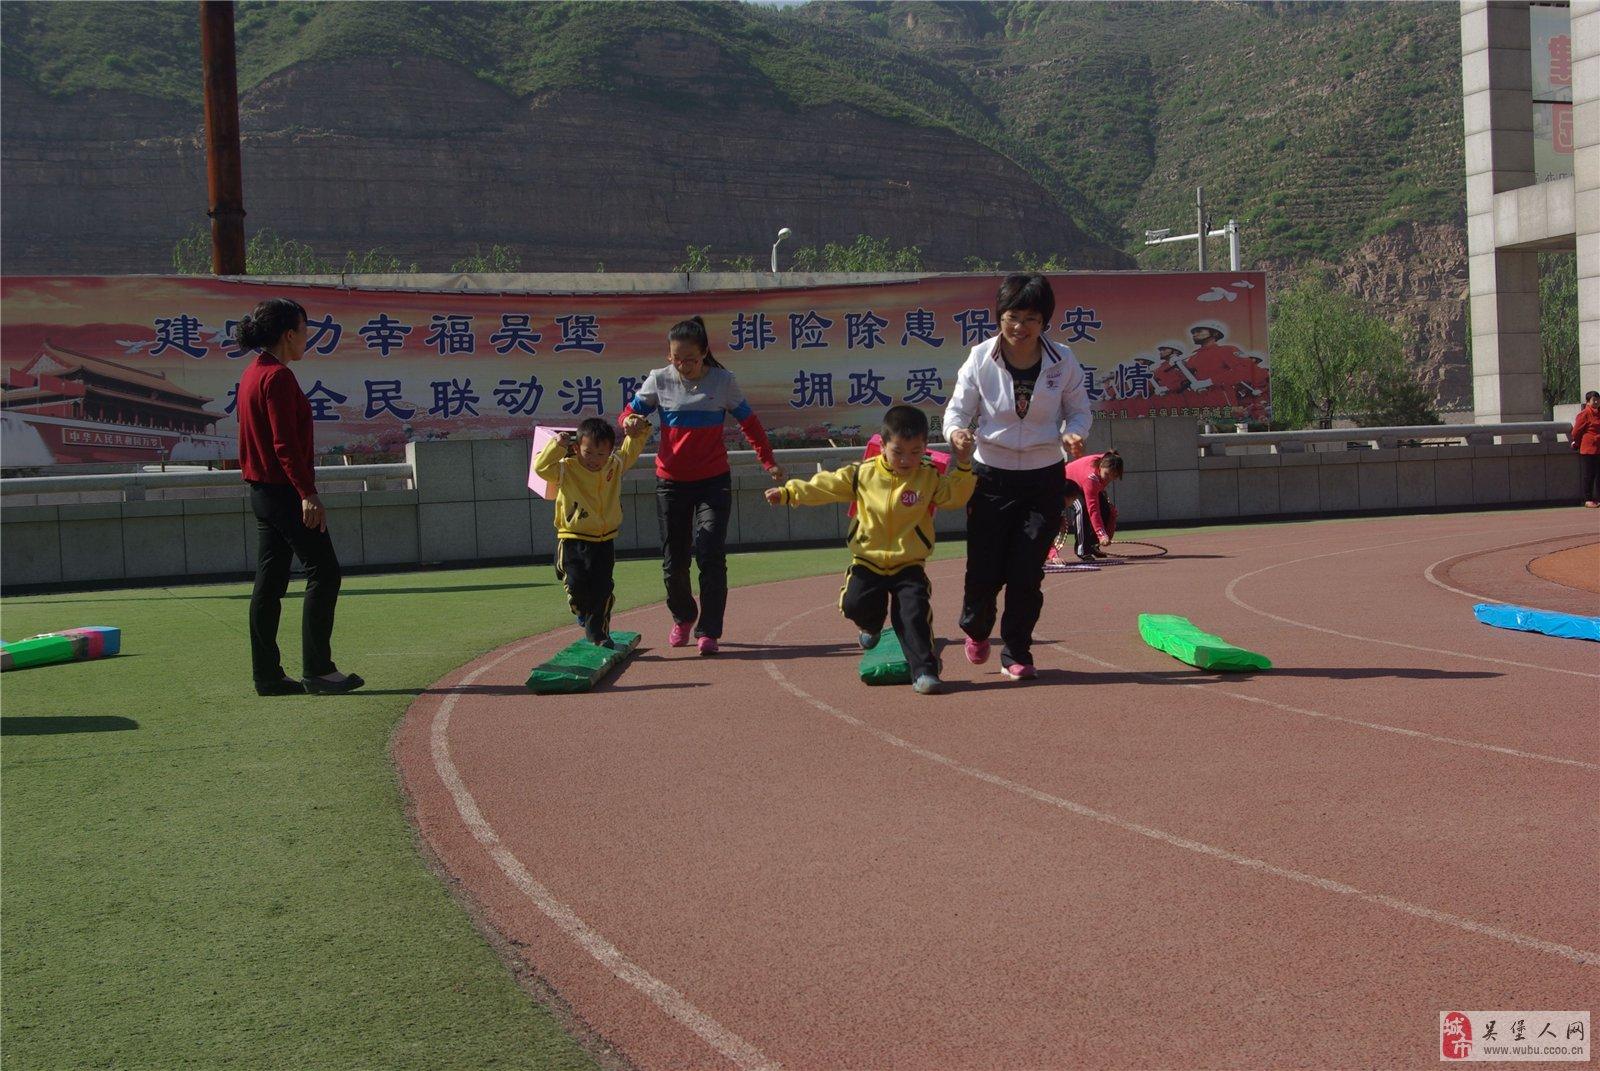 吴堡县七彩阳光幼儿园手拉手亲子运动会